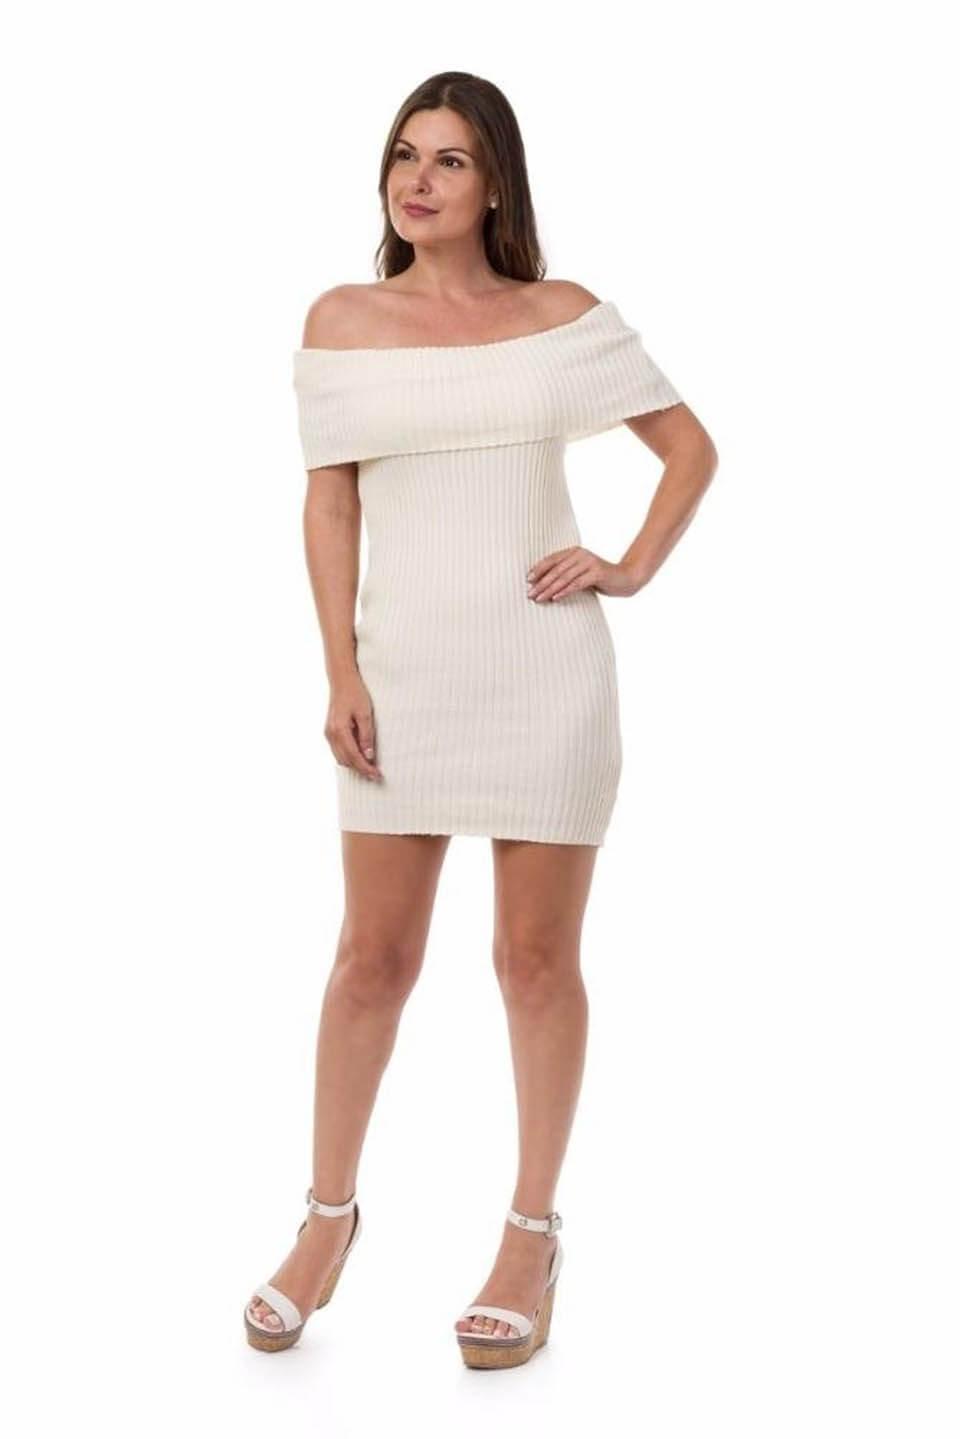 Vestido branco curto de tricô